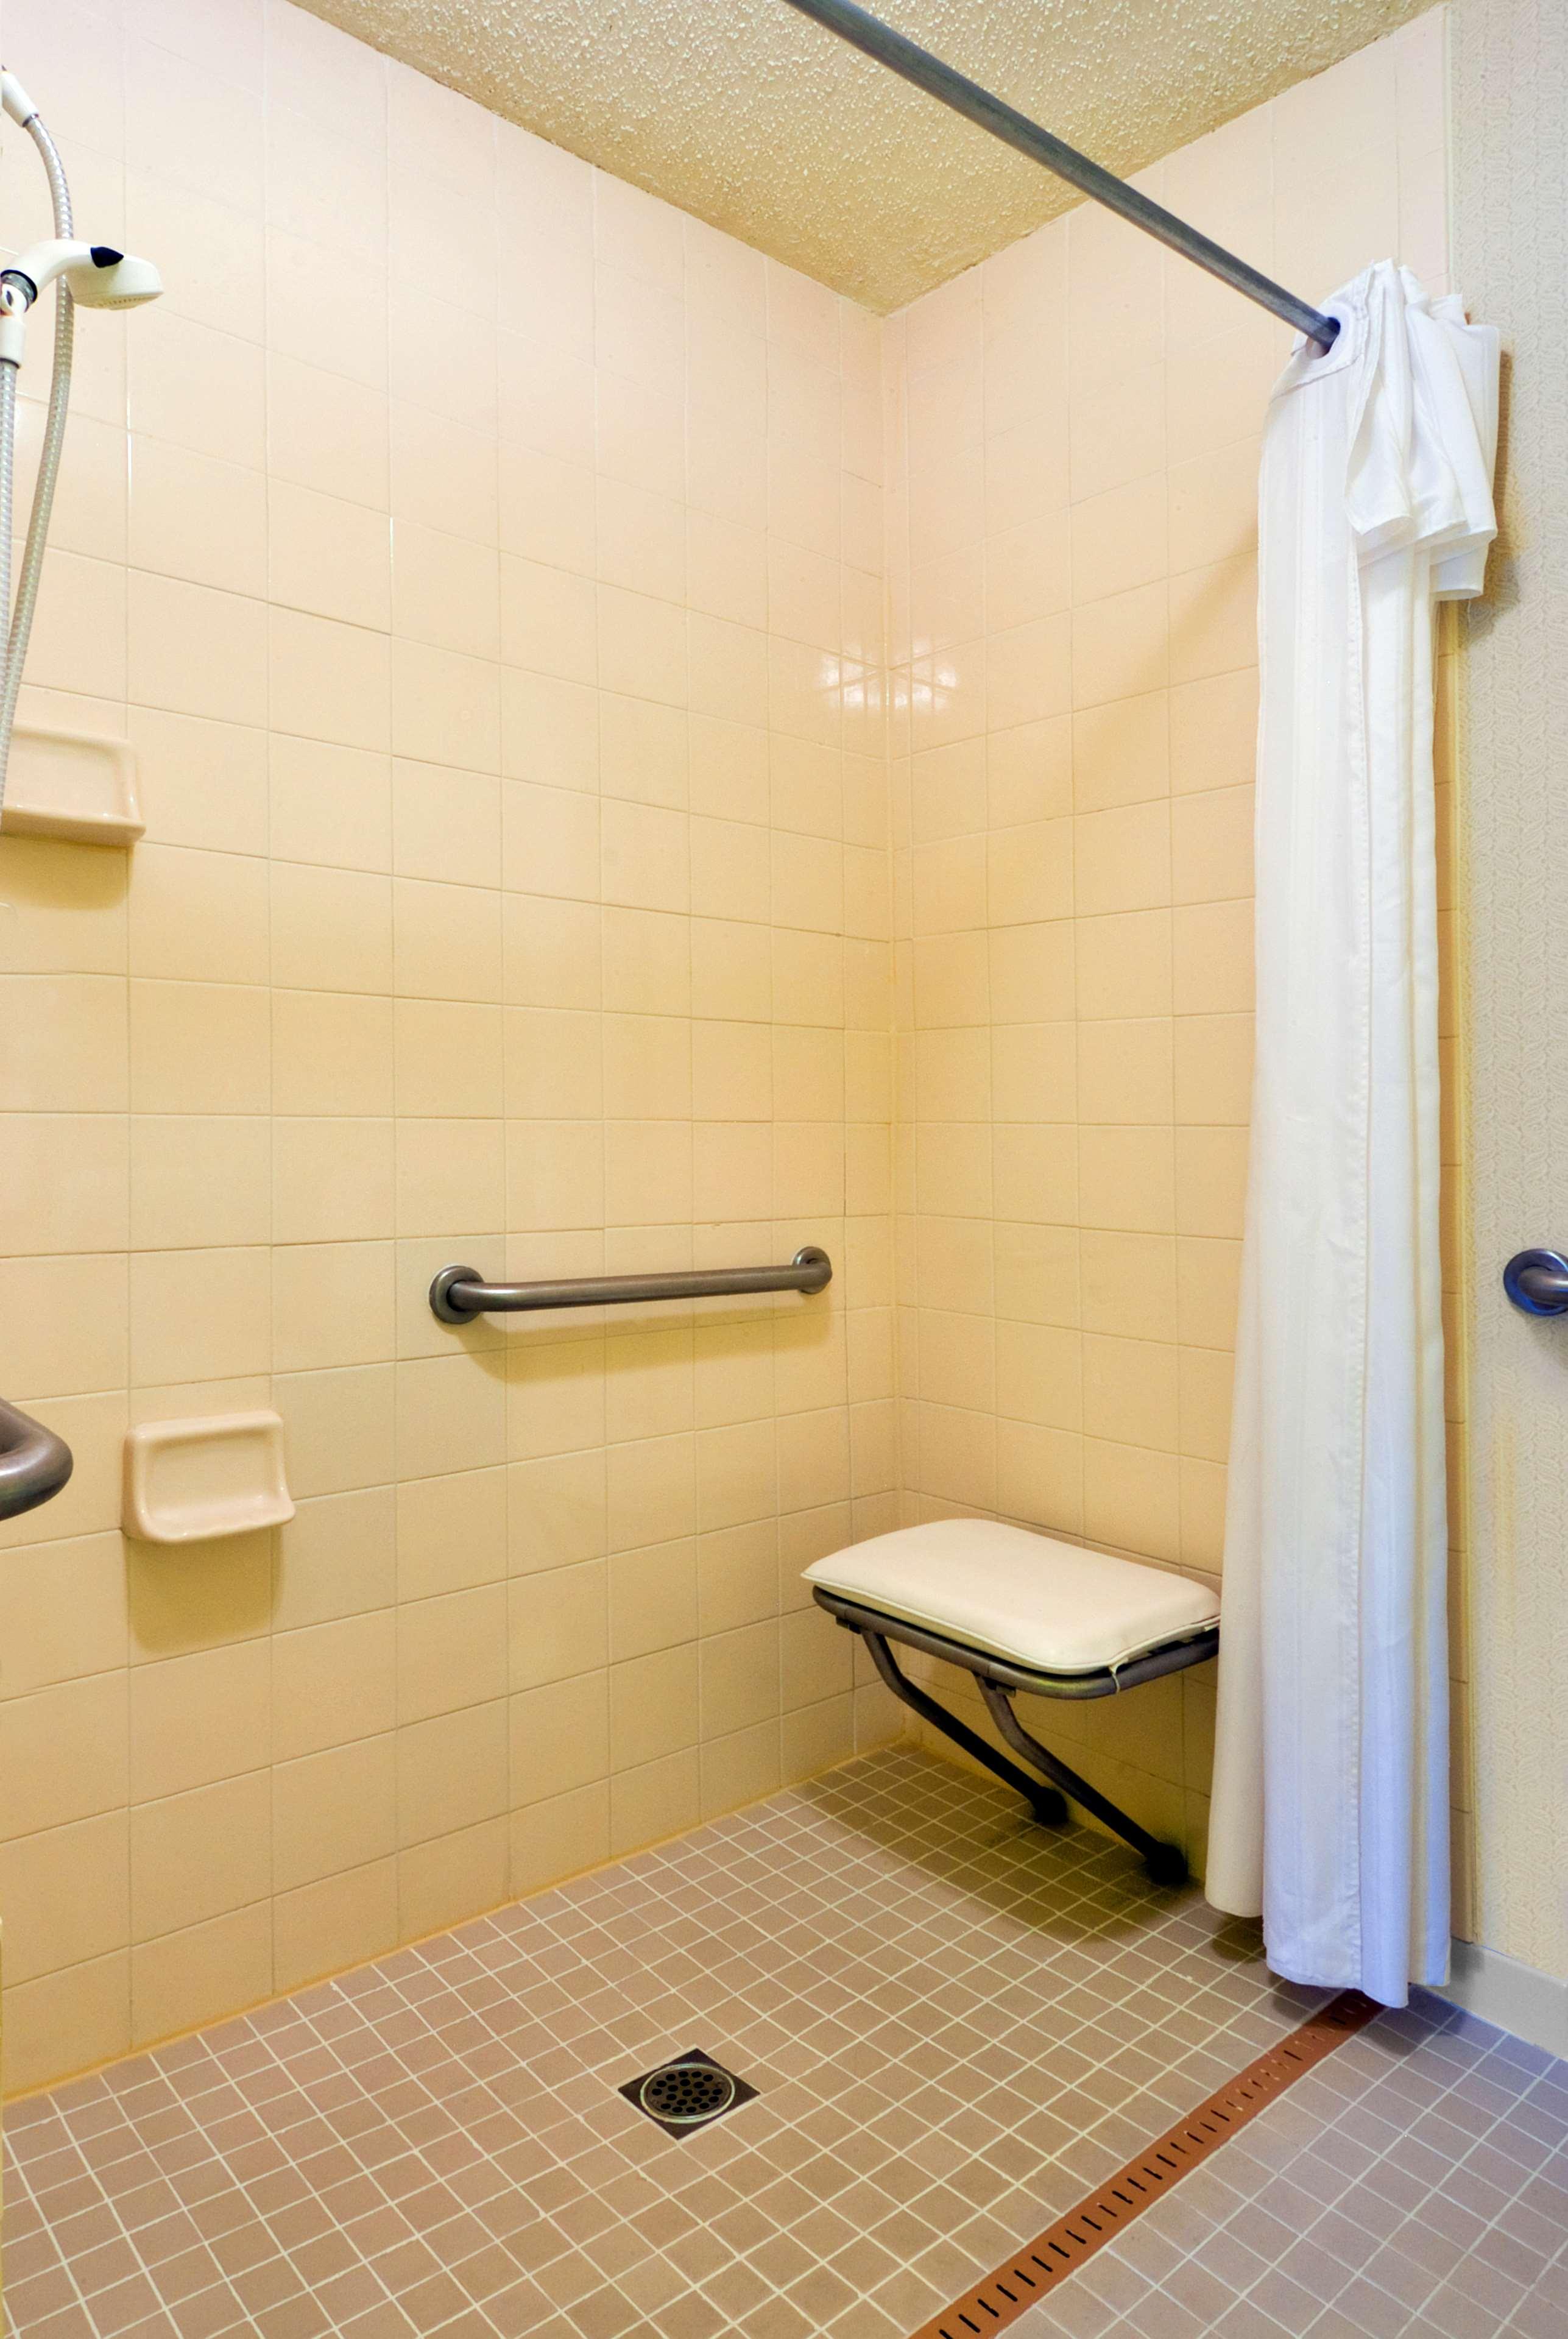 Homewood Suites by Hilton - Boulder image 16